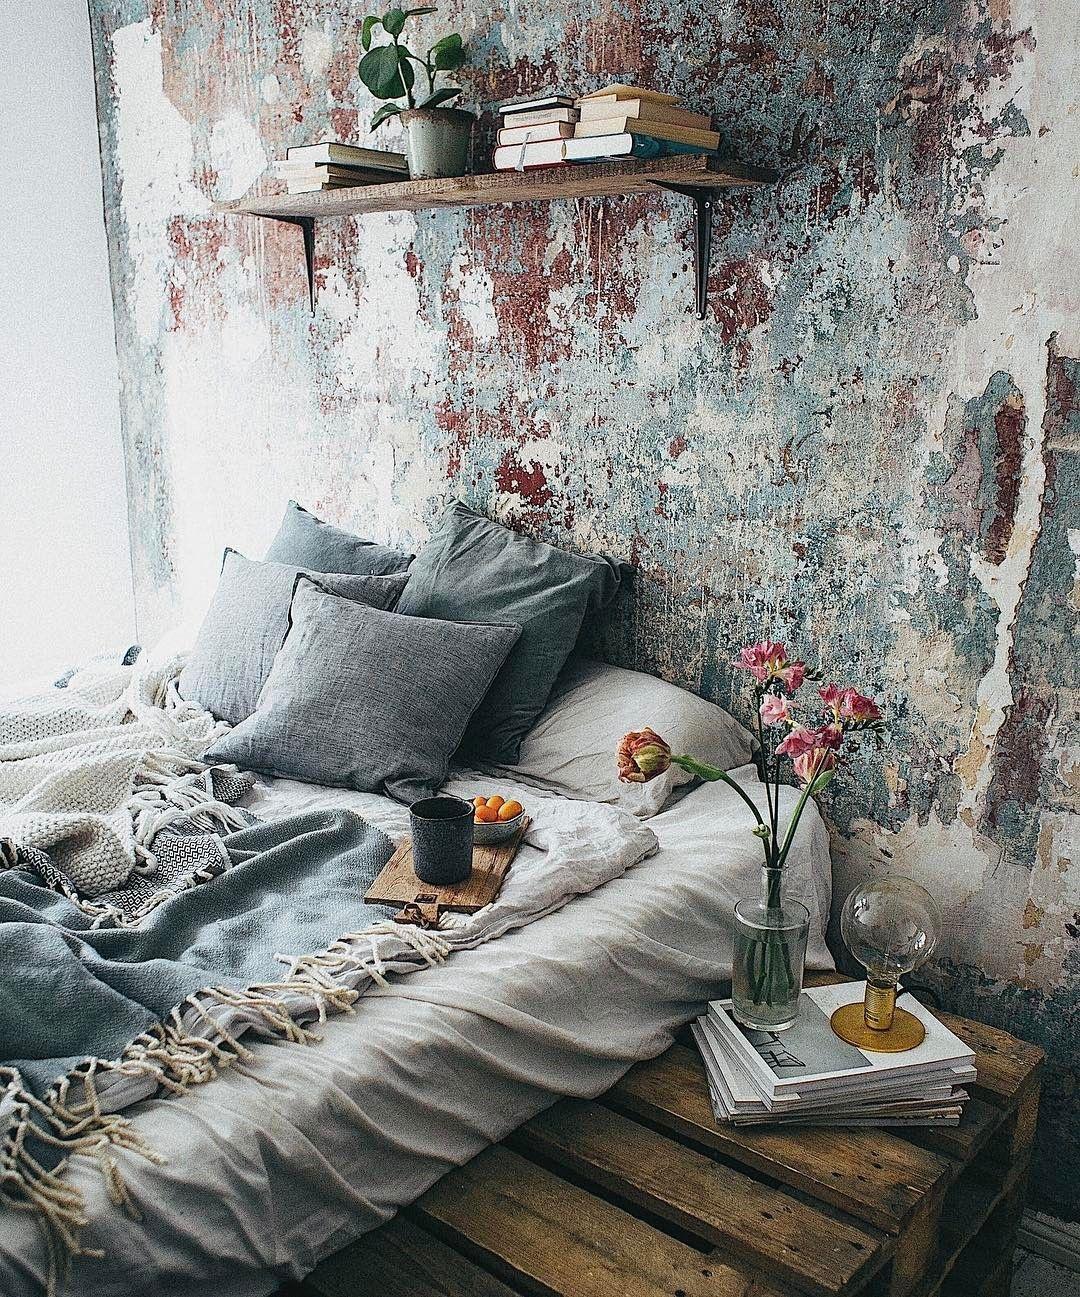 Pittura Effetto Intonaco Invecchiato muri effetto invecchiato: l'arte dell'imperfezione – in the